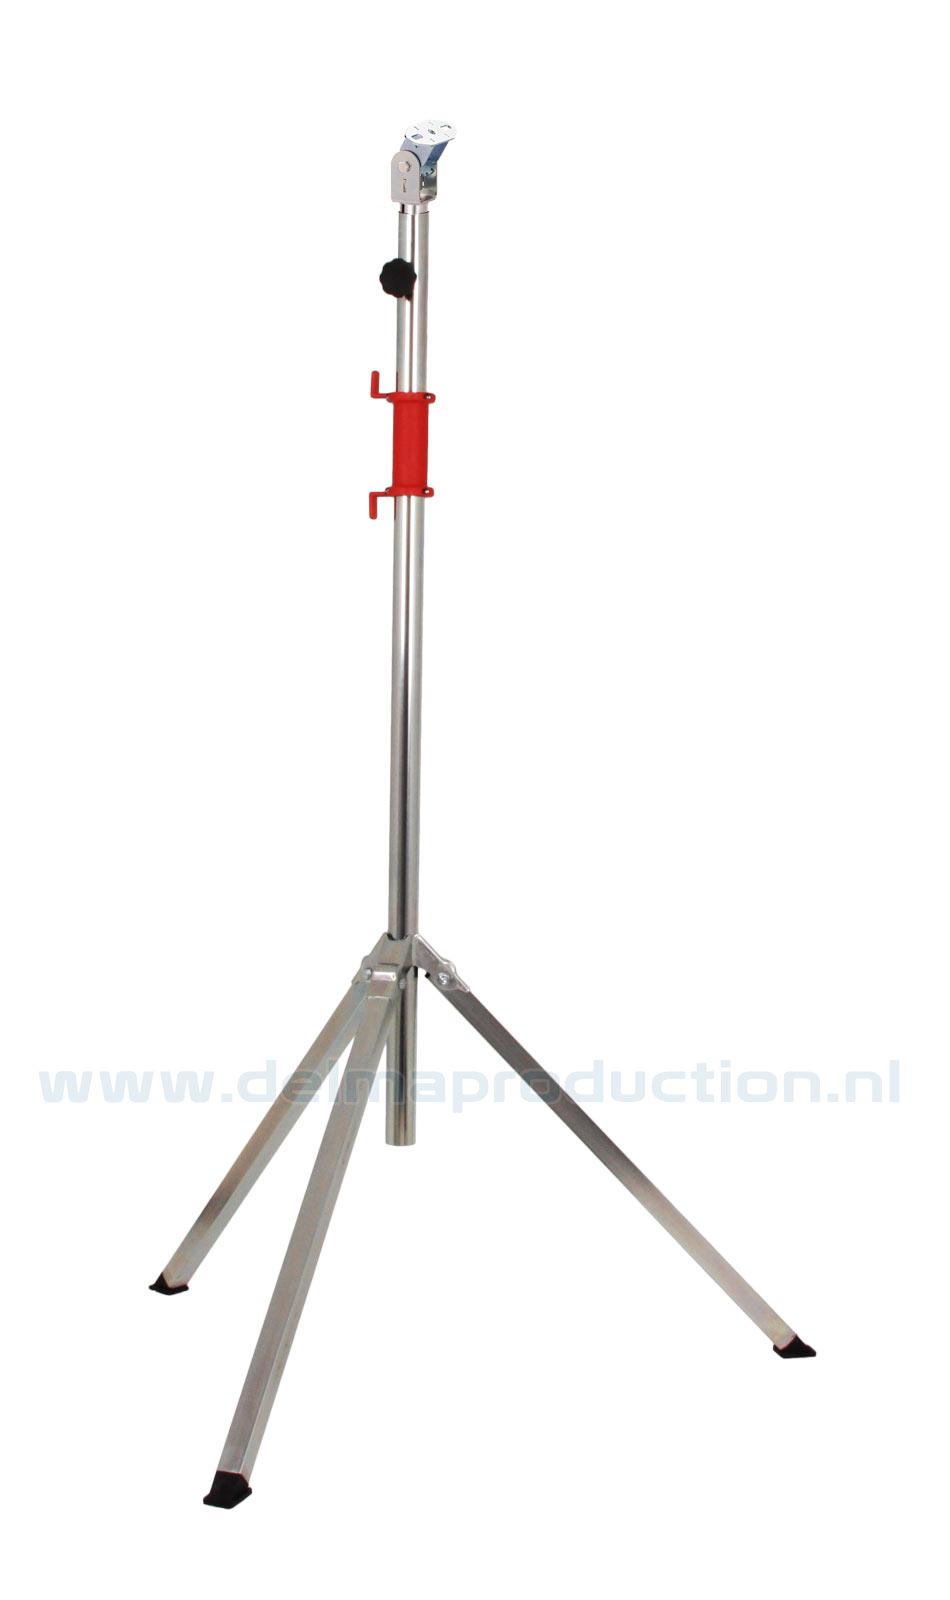 Bau-Teleskop-Stativ 2-teilig, Schnellverstellung